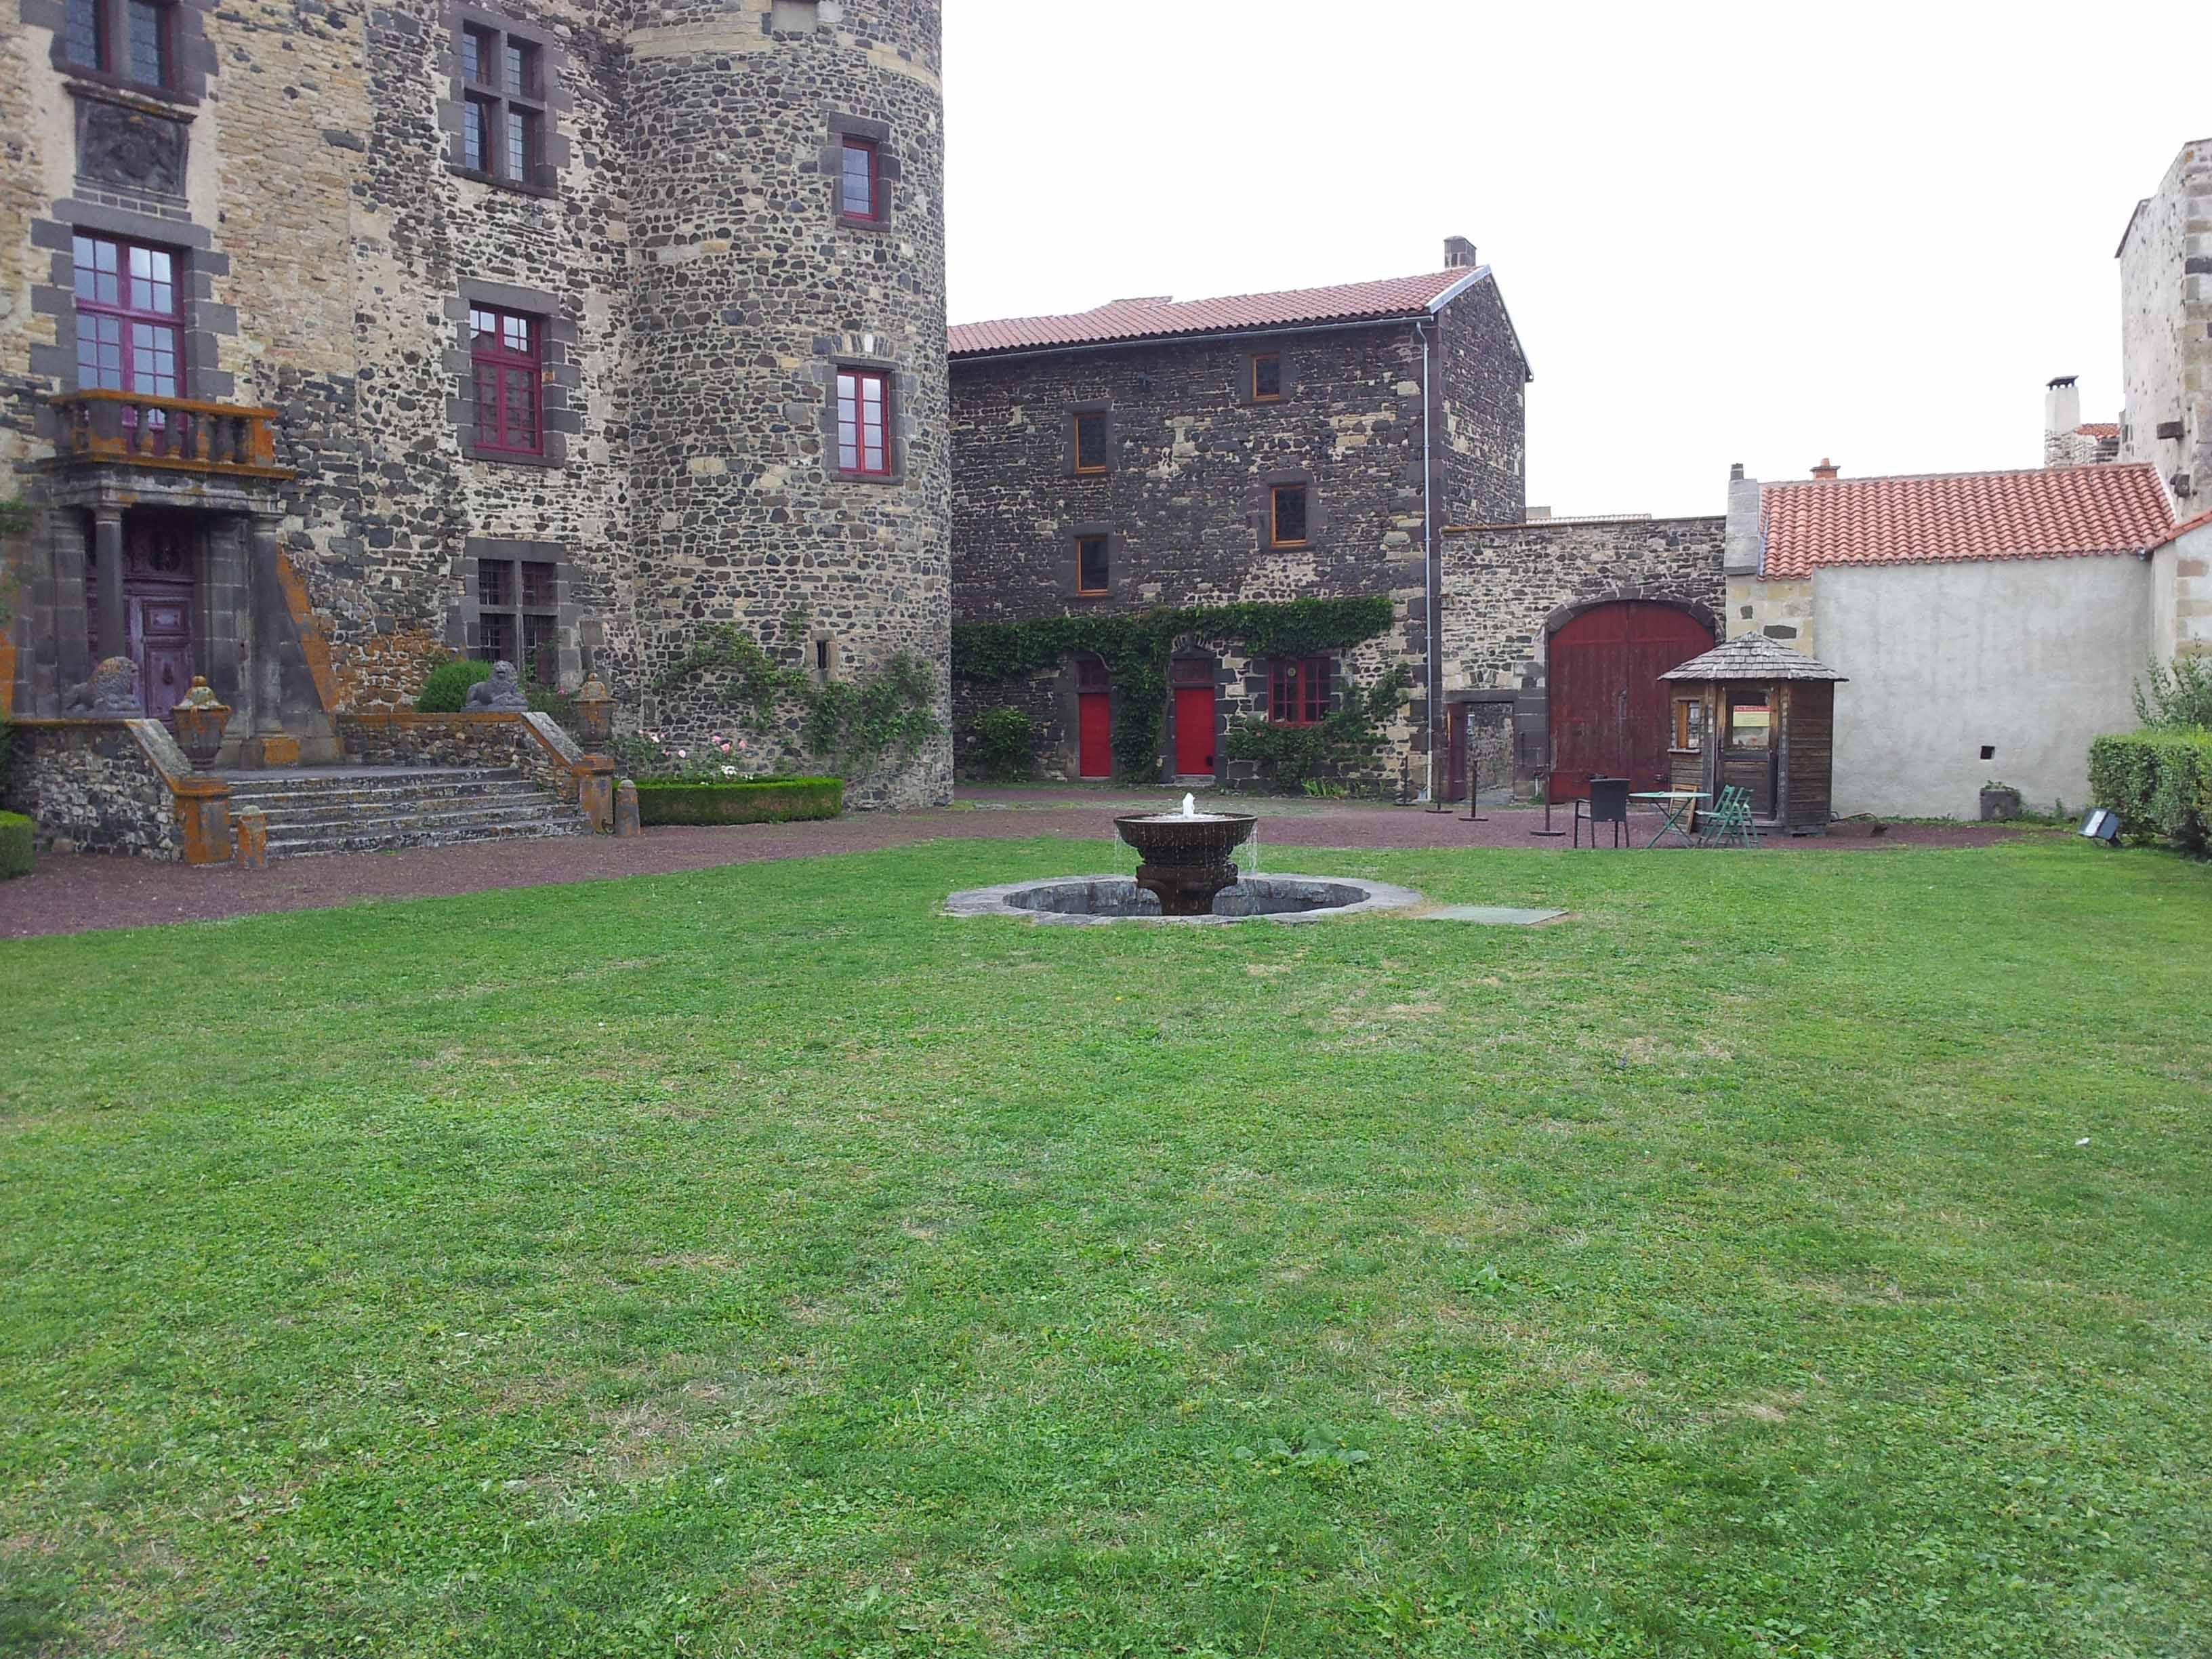 Cour exterieur search photo deco maison ides decoration for Amenager sa cour exterieur